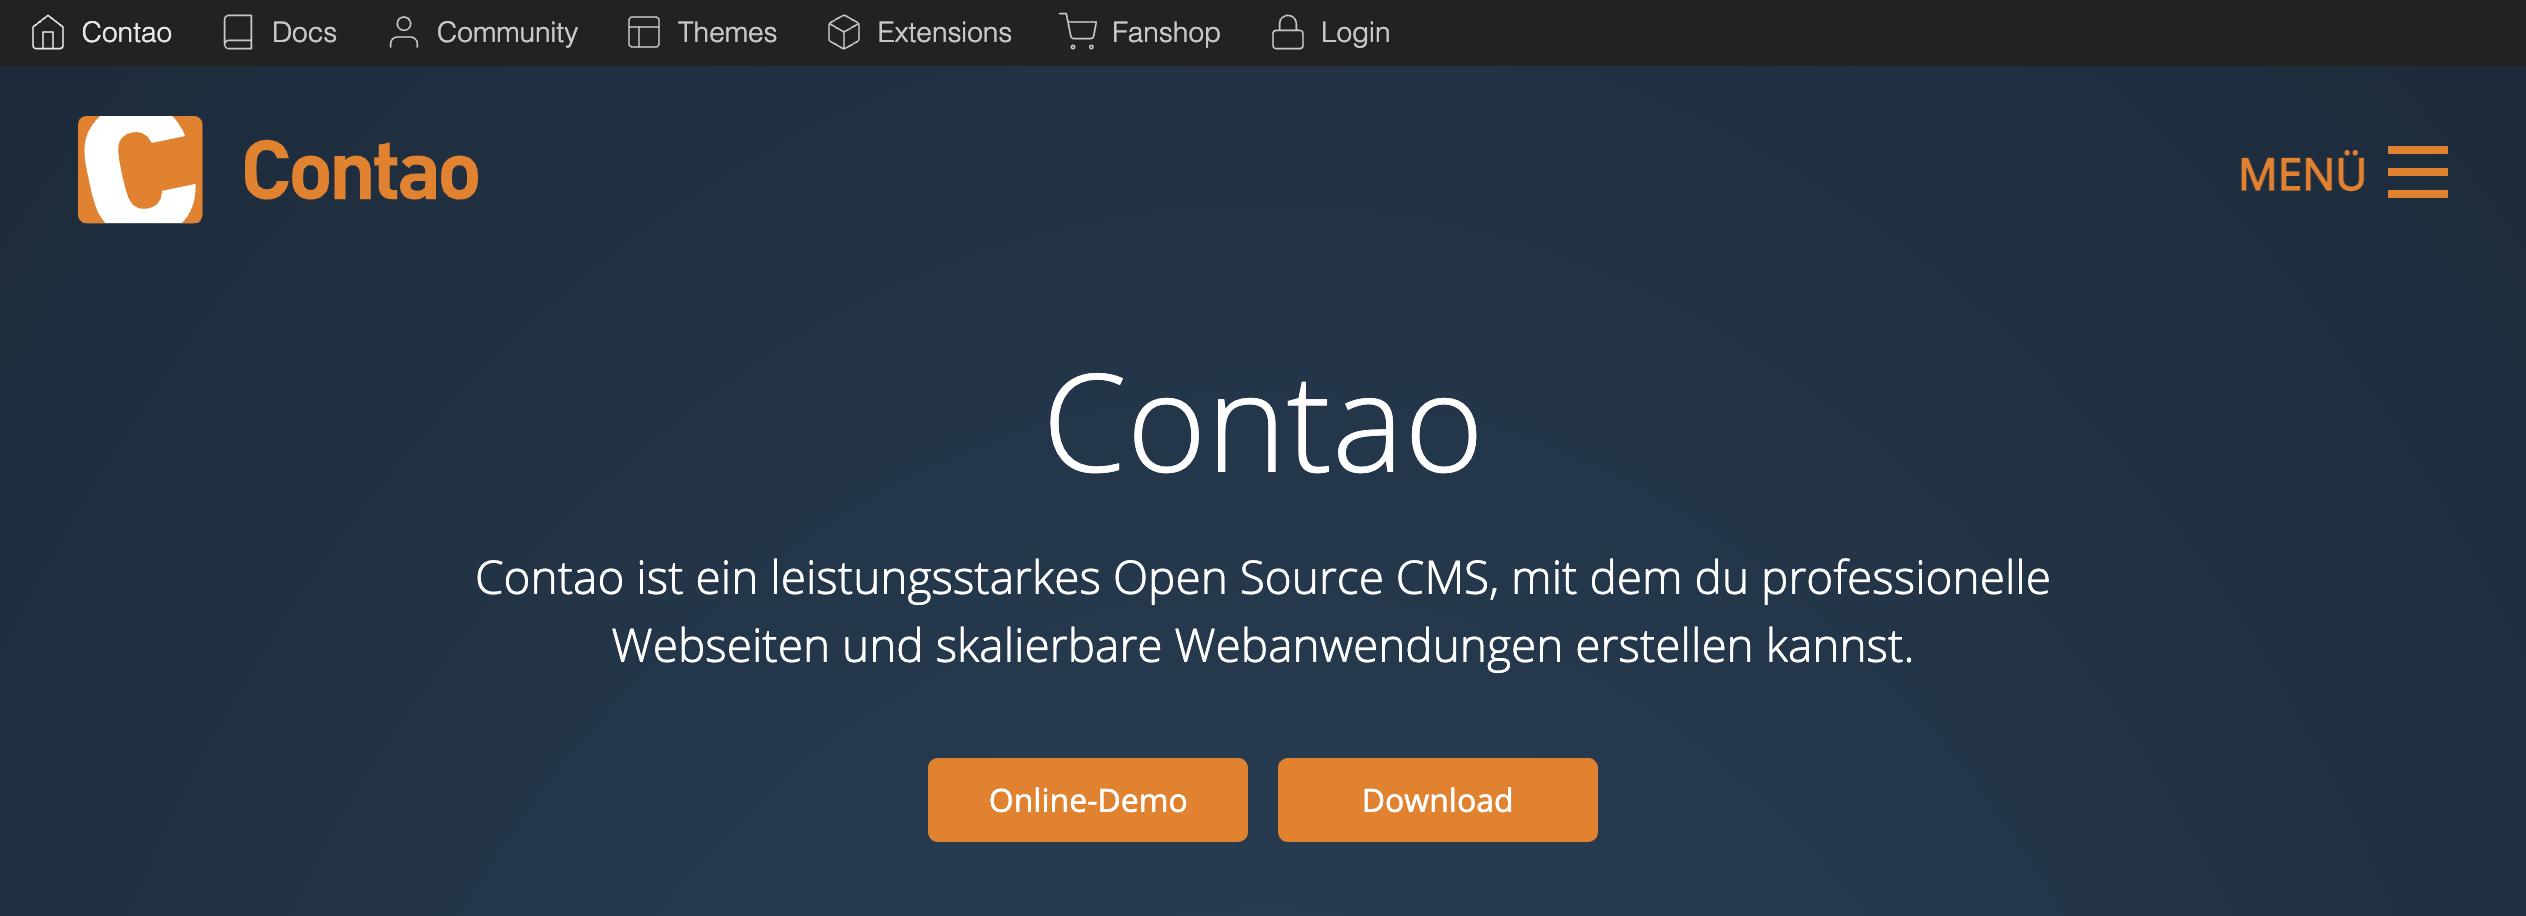 Startseite von Contao.org